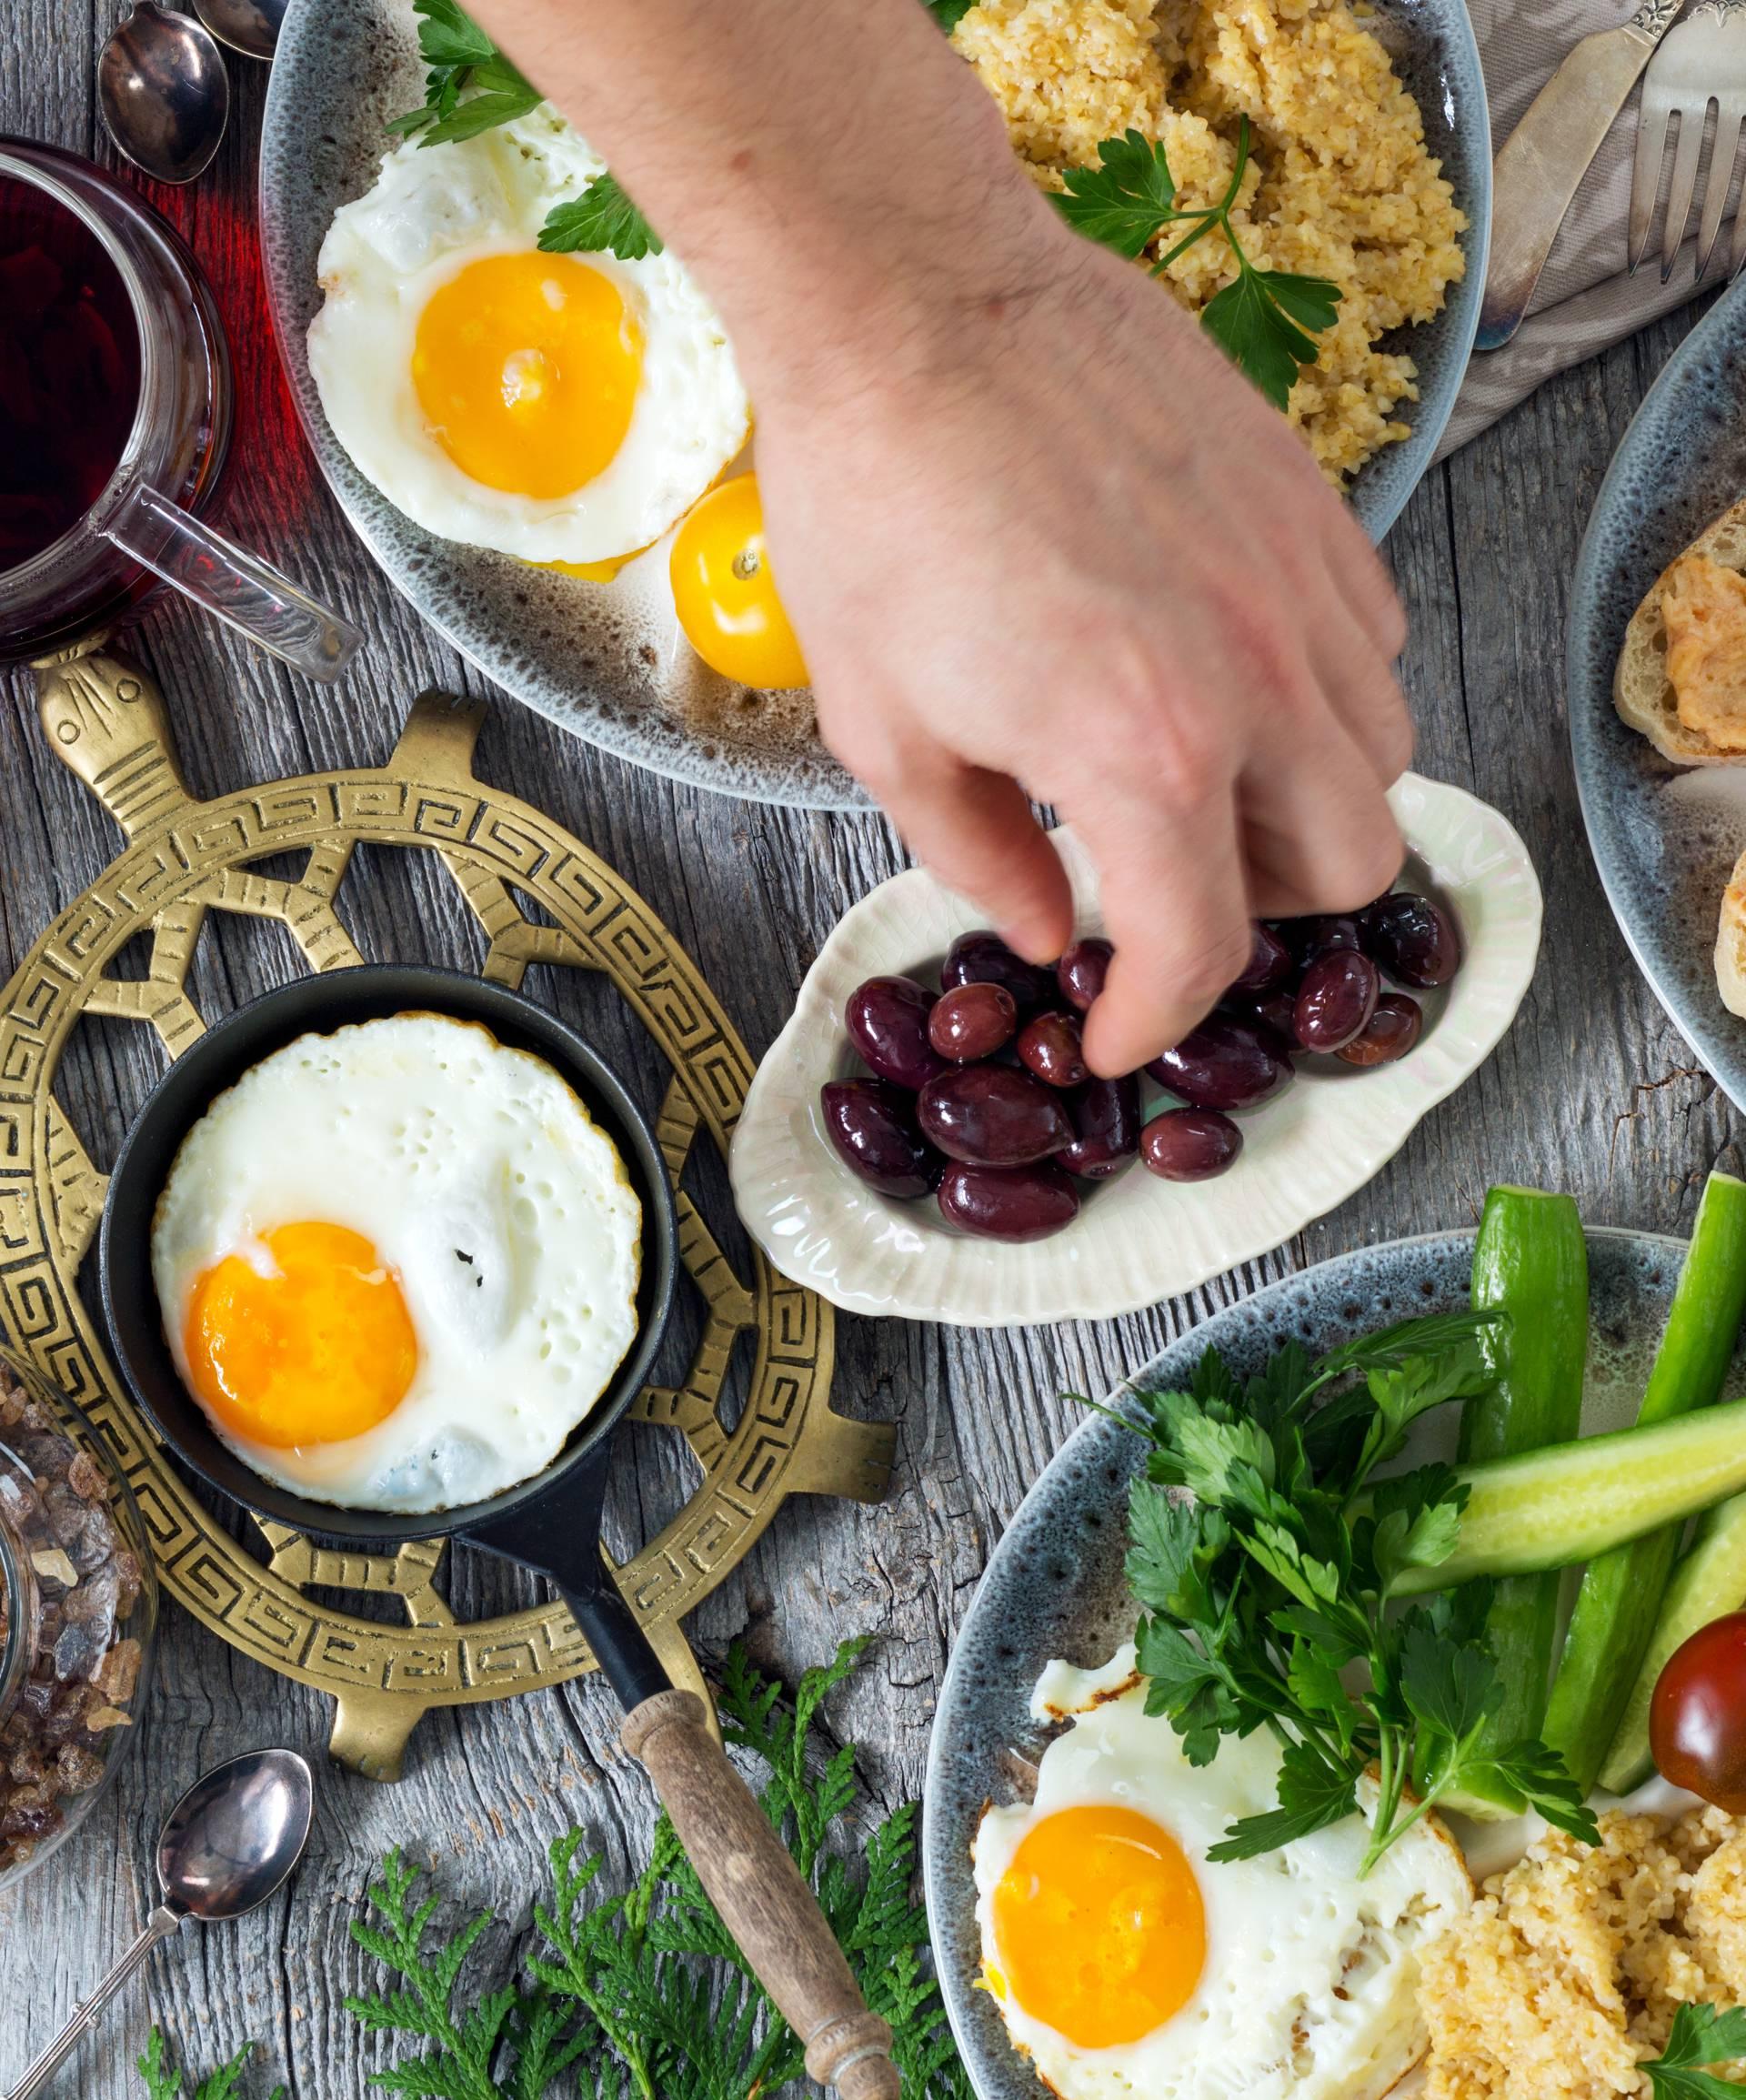 Tko preskače doručak ima veći rizik od ovih bolesti - pripazite